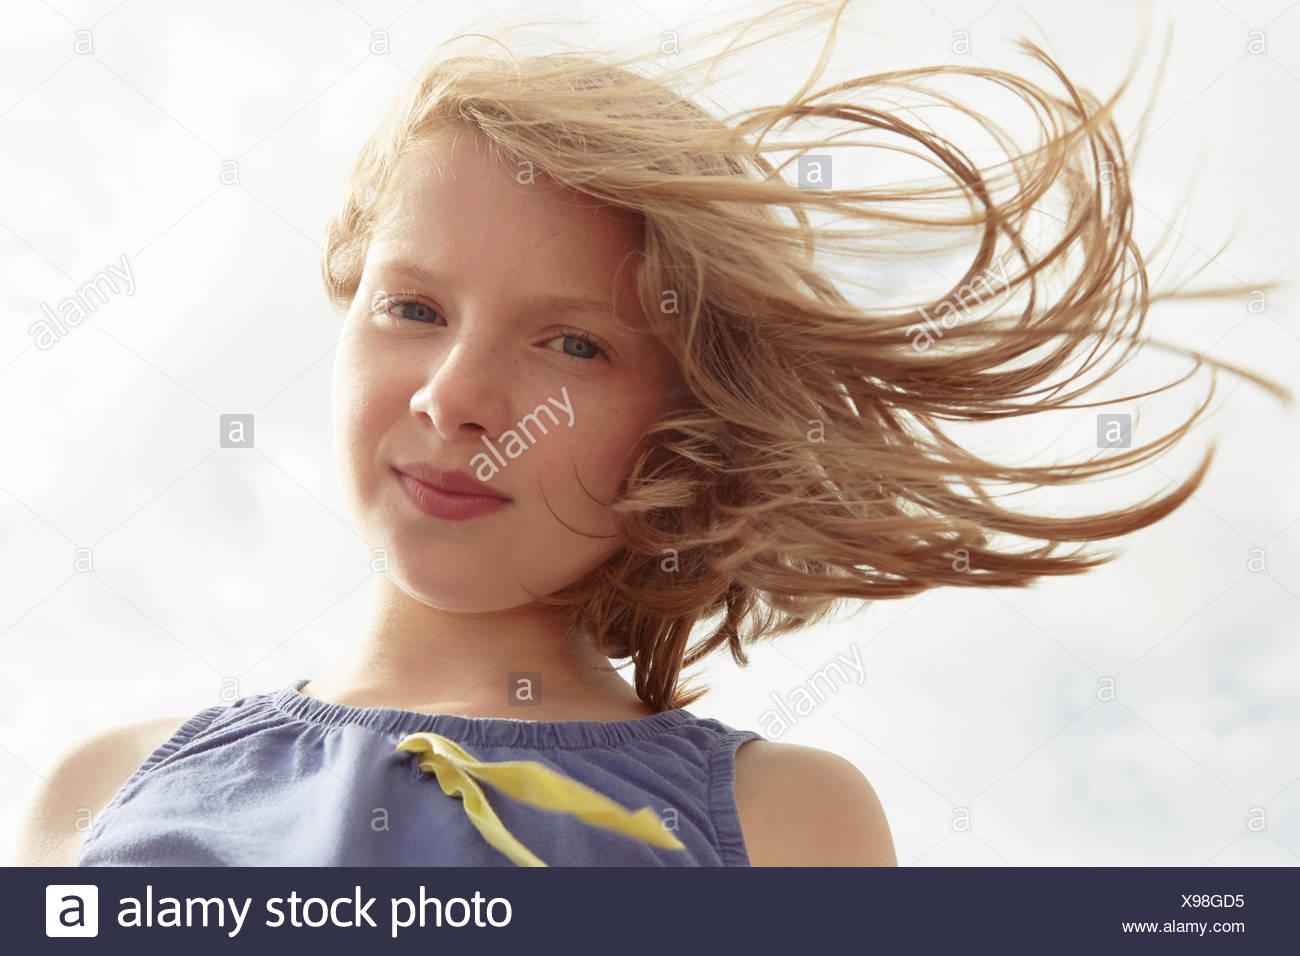 Retrato de chica con pelos sueltos en breezy coast Foto de stock